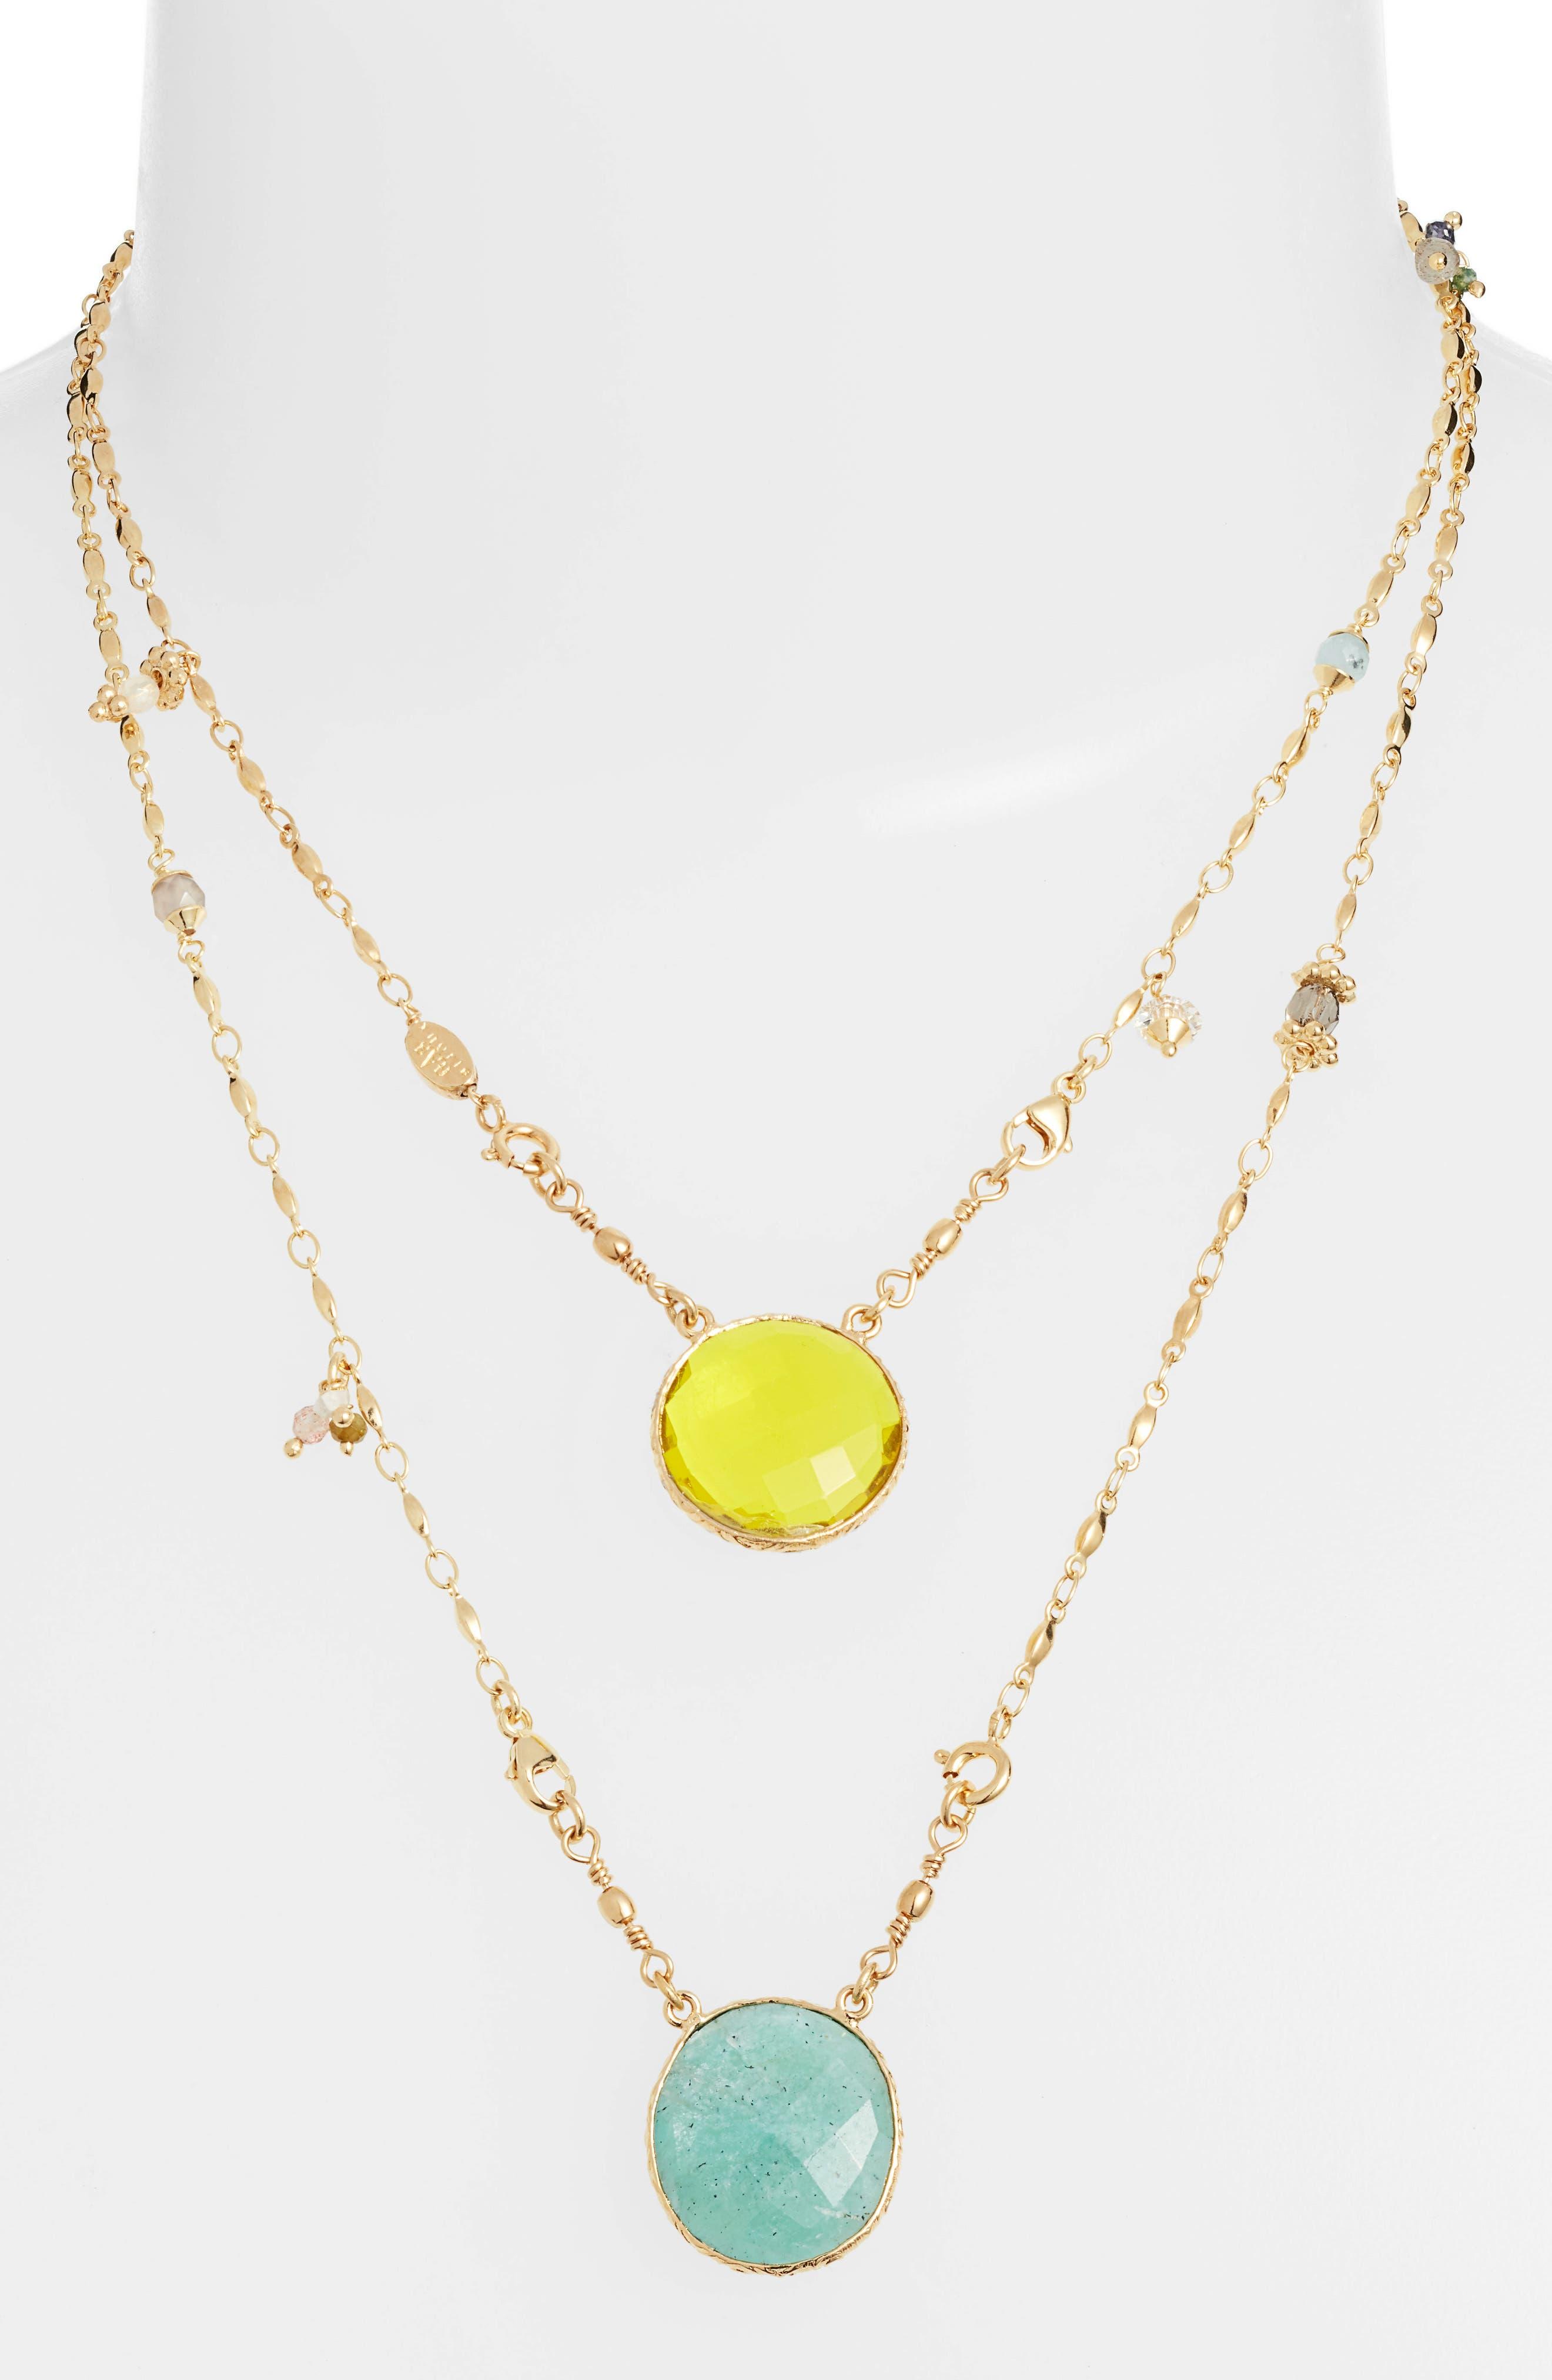 GAS BIJOUX Scapulaire Convertible Pendant Necklace, Main, color, YELLOW